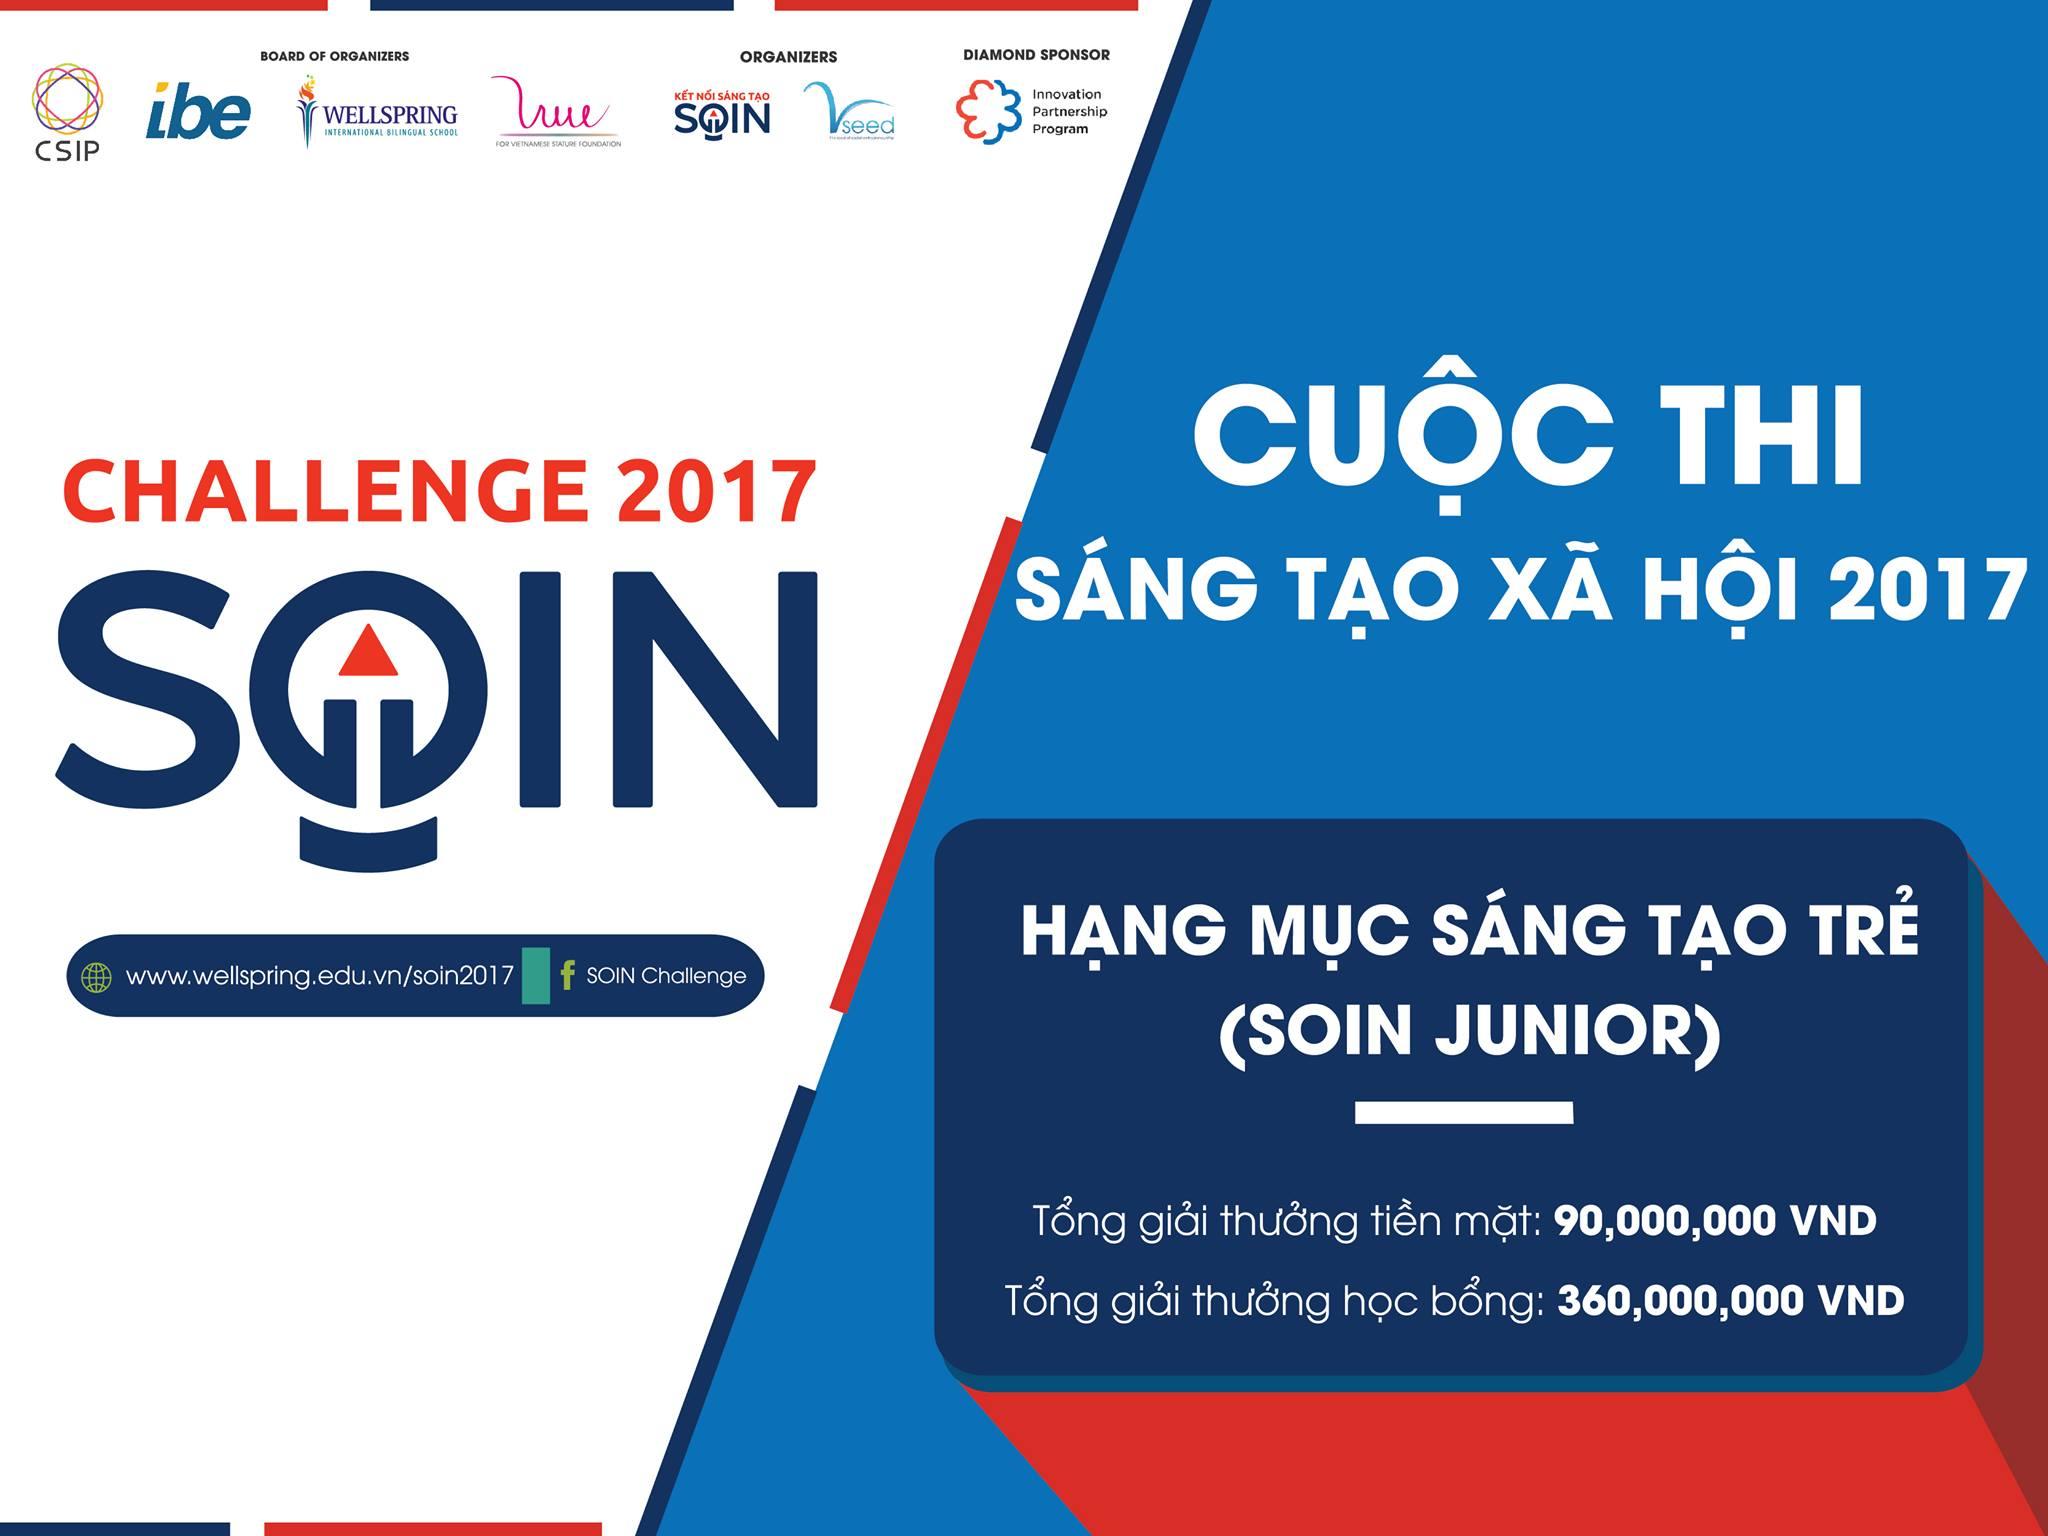 [Toàn Quốc] Cơ Hội Nhận Giải Thưởng Lên Đến 30.000.000 Đồng Qua Cuộc Thi TÌm Kiếm Giải Pháp Cho Các Vấn Đề Xã Hội SOIN Challenge